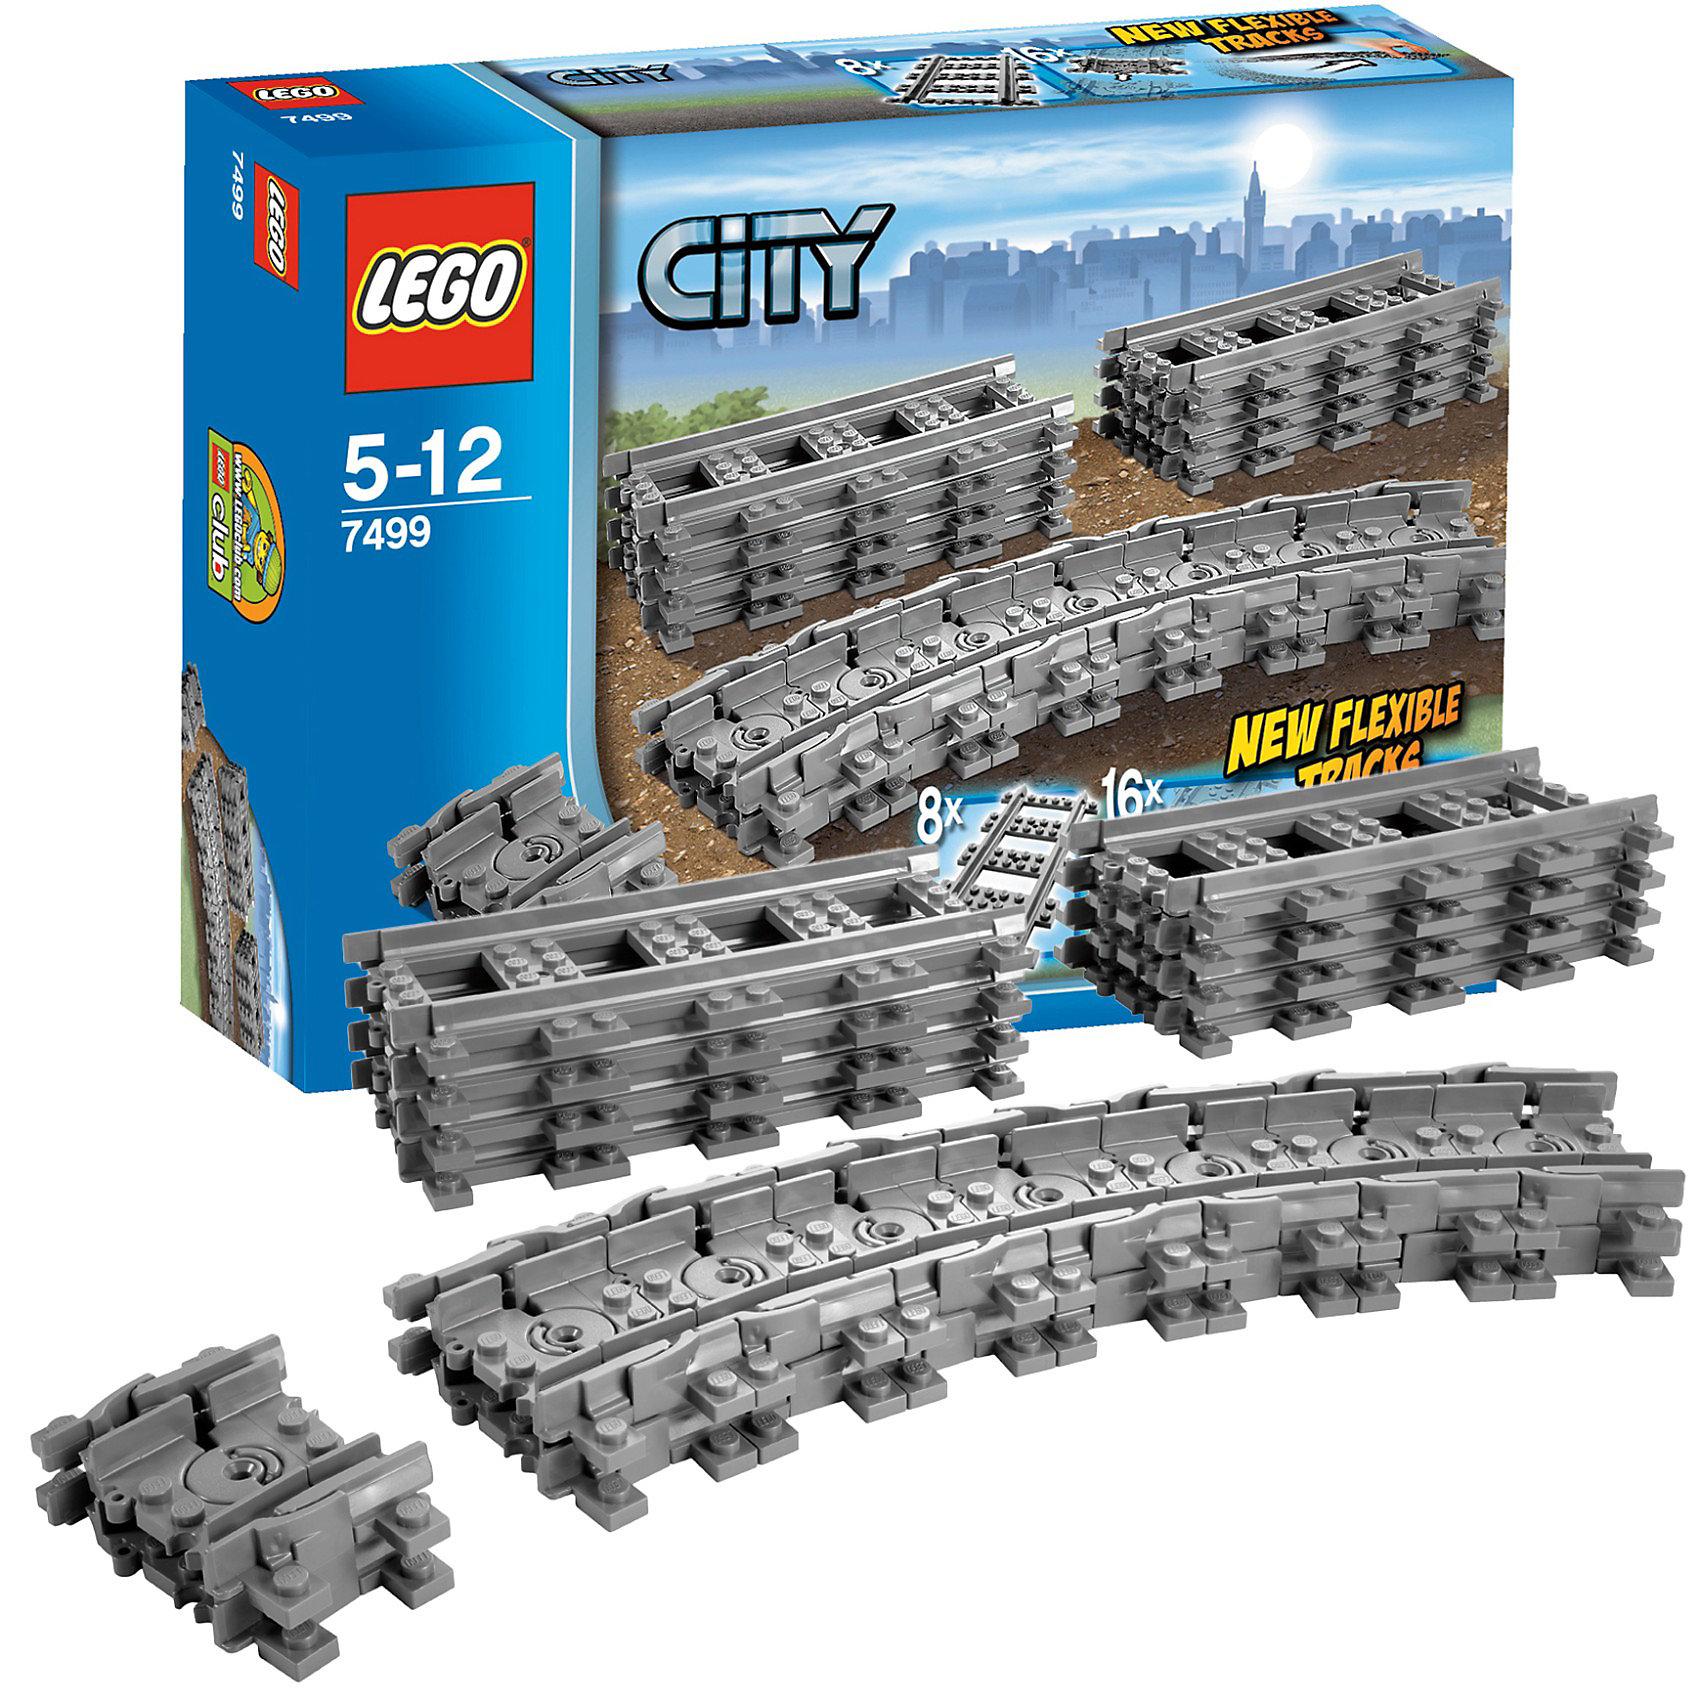 LEGO City 7499: Гибкие рельсыПластмассовые конструкторы<br>С гибкими рельсами от LEGO City (LEGO № 7499) препятствия можно просто объехать. <br><br>С помощью рельсов можно расширить железнодорожную систему так, чтобы препятствия и неудобные углы можно было просто объехать. Теперь каждый поезд доедет до пункта назначения! <br><br>Дополнительные информация: <br><br>- в набор входят 8 прямых рельсов и 16 гибких рельсов <br>- Артикул LEGO № 7499 <br>- Количество деталей LEGO: 24 <br>- Подходят к наборам LEGO 7938 и 7939. <br>- Рельсы не проводят электричество и потому не совместимы с поездами LEGO 9V.<br>- Размер упаковки (д/ш/в): 6,1 х 26,2 х 19,1 см. <br>- Серия: ЛЕГО Сити<br>Отличное дополнение для Вашей железной дороги!<br><br>Конструктор LEGO City 7499: Гибкие рельсы можно купить в нашем магазине.<br><br>Ширина мм: 264<br>Глубина мм: 190<br>Высота мм: 66<br>Вес г: 310<br>Возраст от месяцев: 60<br>Возраст до месяцев: 144<br>Пол: Мужской<br>Возраст: Детский<br>SKU: 2128652